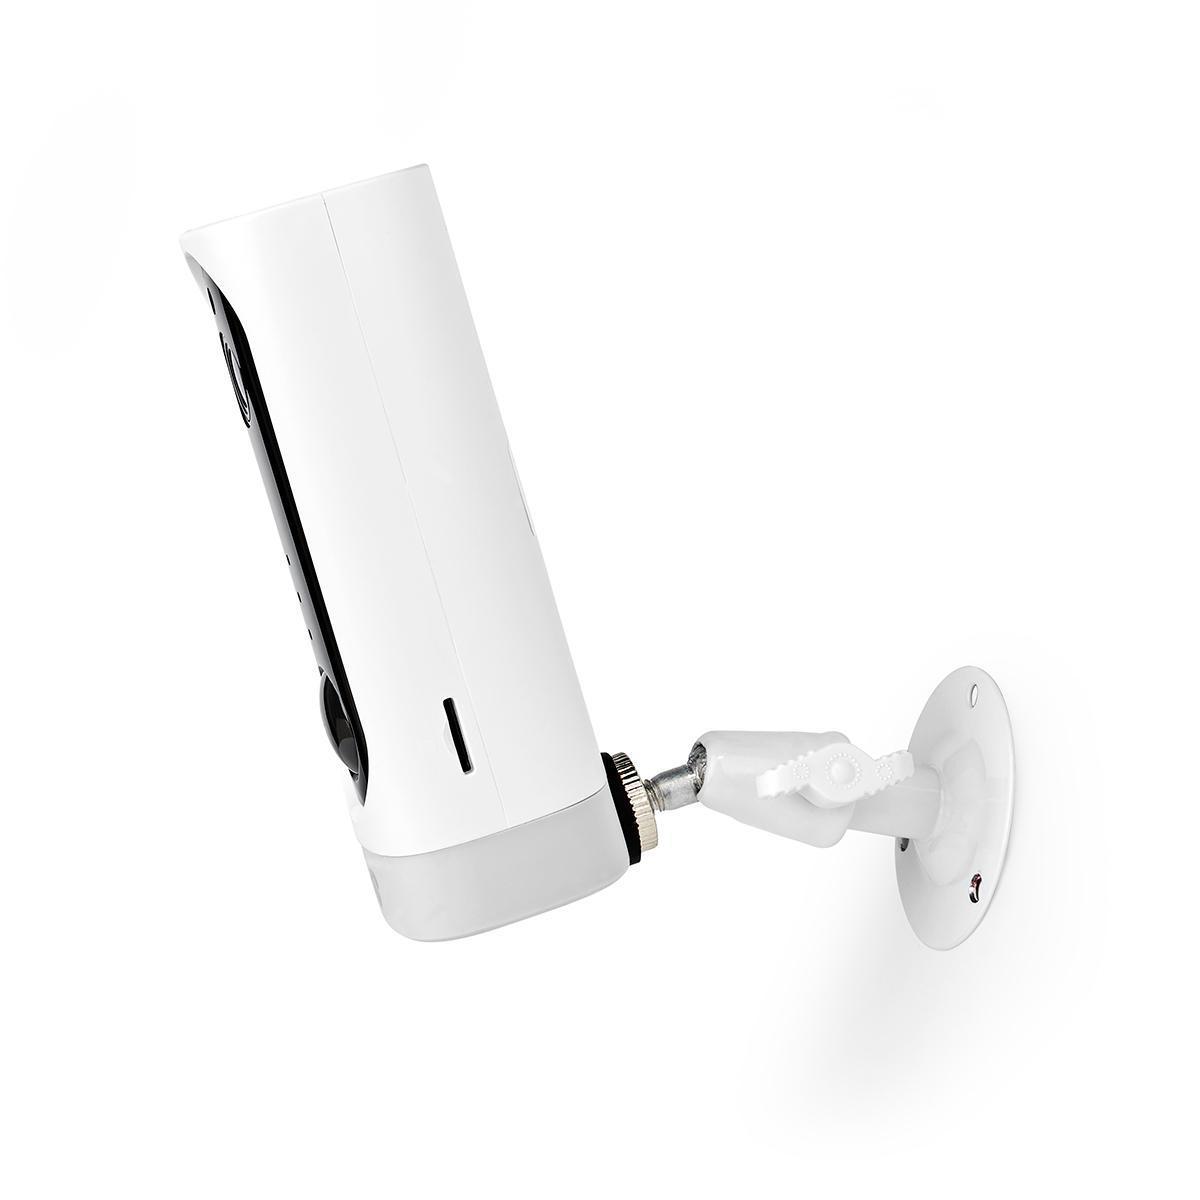 Caméra IP rechargeable - Capteur de Mouvement PIR - MicroSD - 3 000 mAh